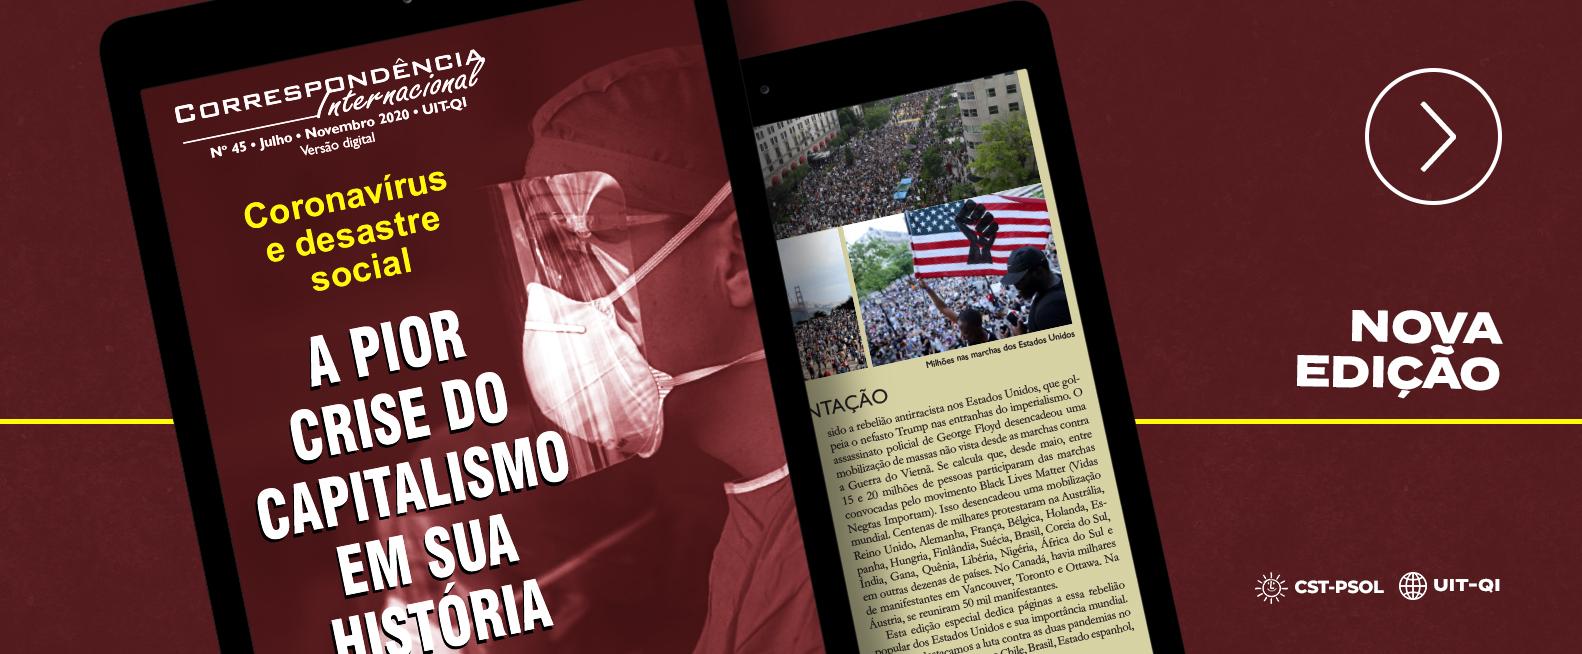 Nova edição da Revista Correspondência Internacional